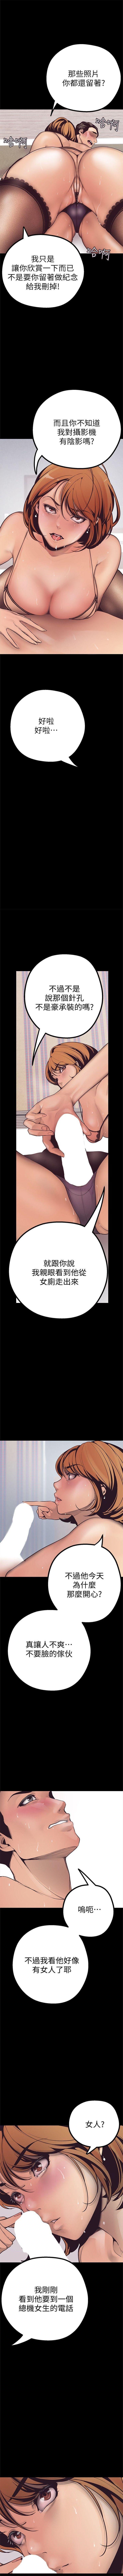 (周6)美丽新世界 1-61 中文翻译 (更新中) 43